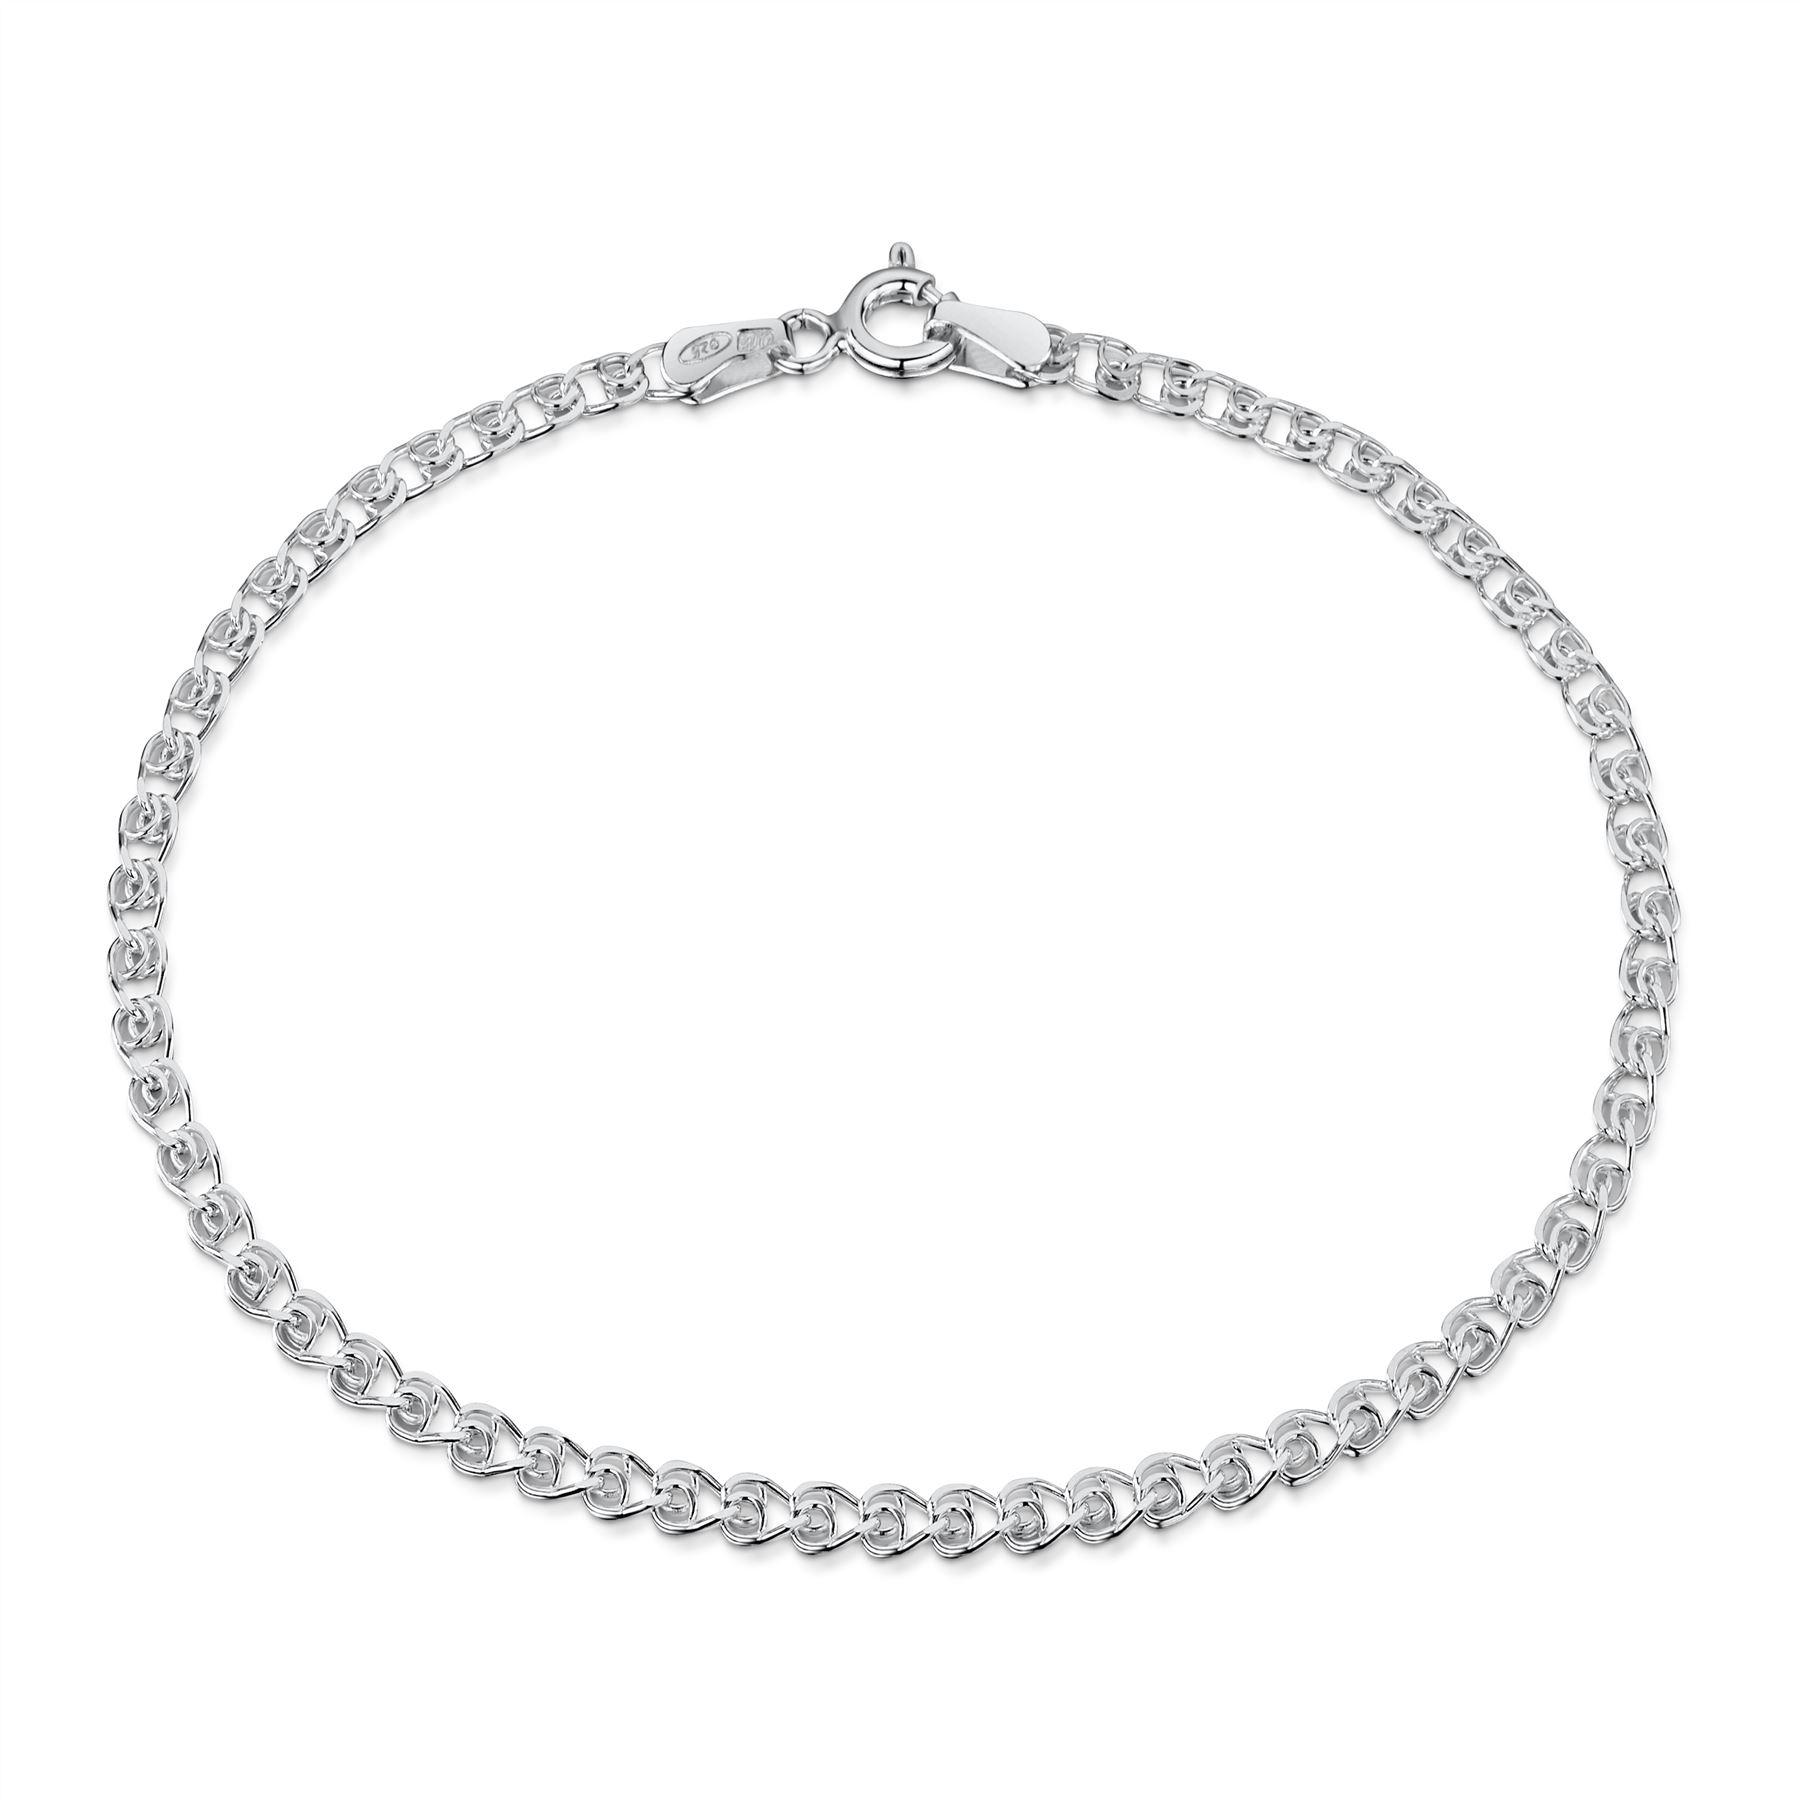 Amberta-Bijoux-Bracelet-en-Vrai-Argent-Sterling-925-Chaine-pour-Femme-a-la-Mode thumbnail 69